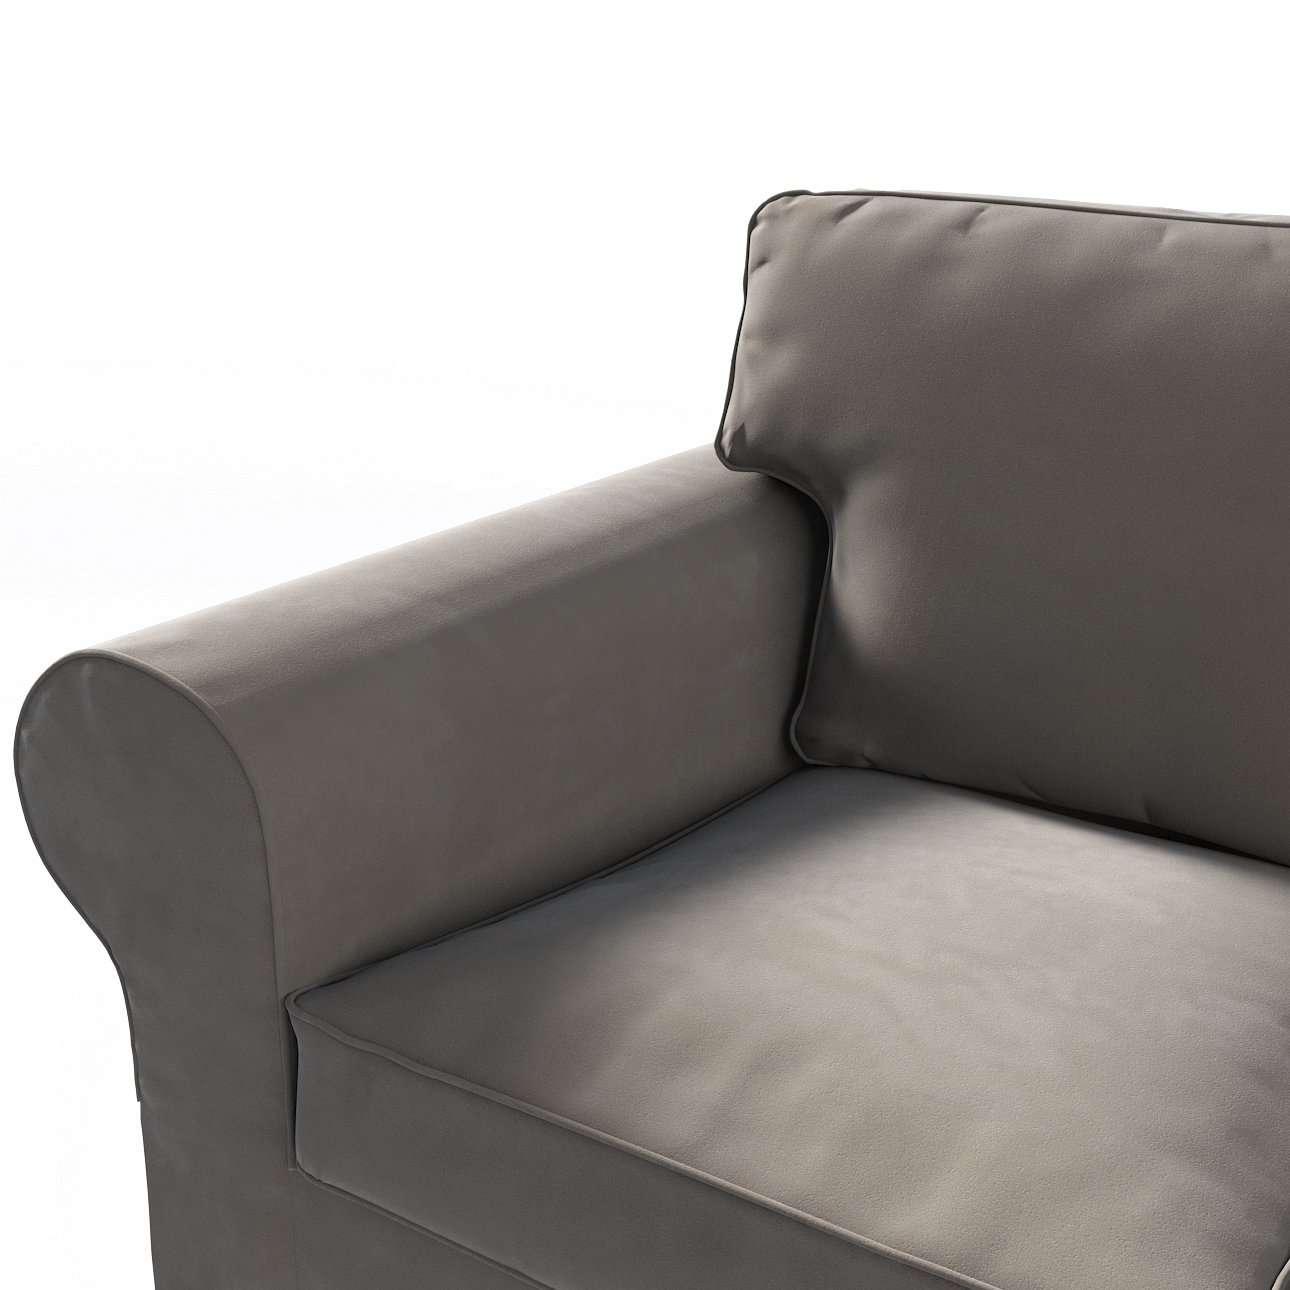 Pokrowiec na sofę Ektorp 3-osobową, rozkładaną, PIXBO w kolekcji Velvet, tkanina: 704-19